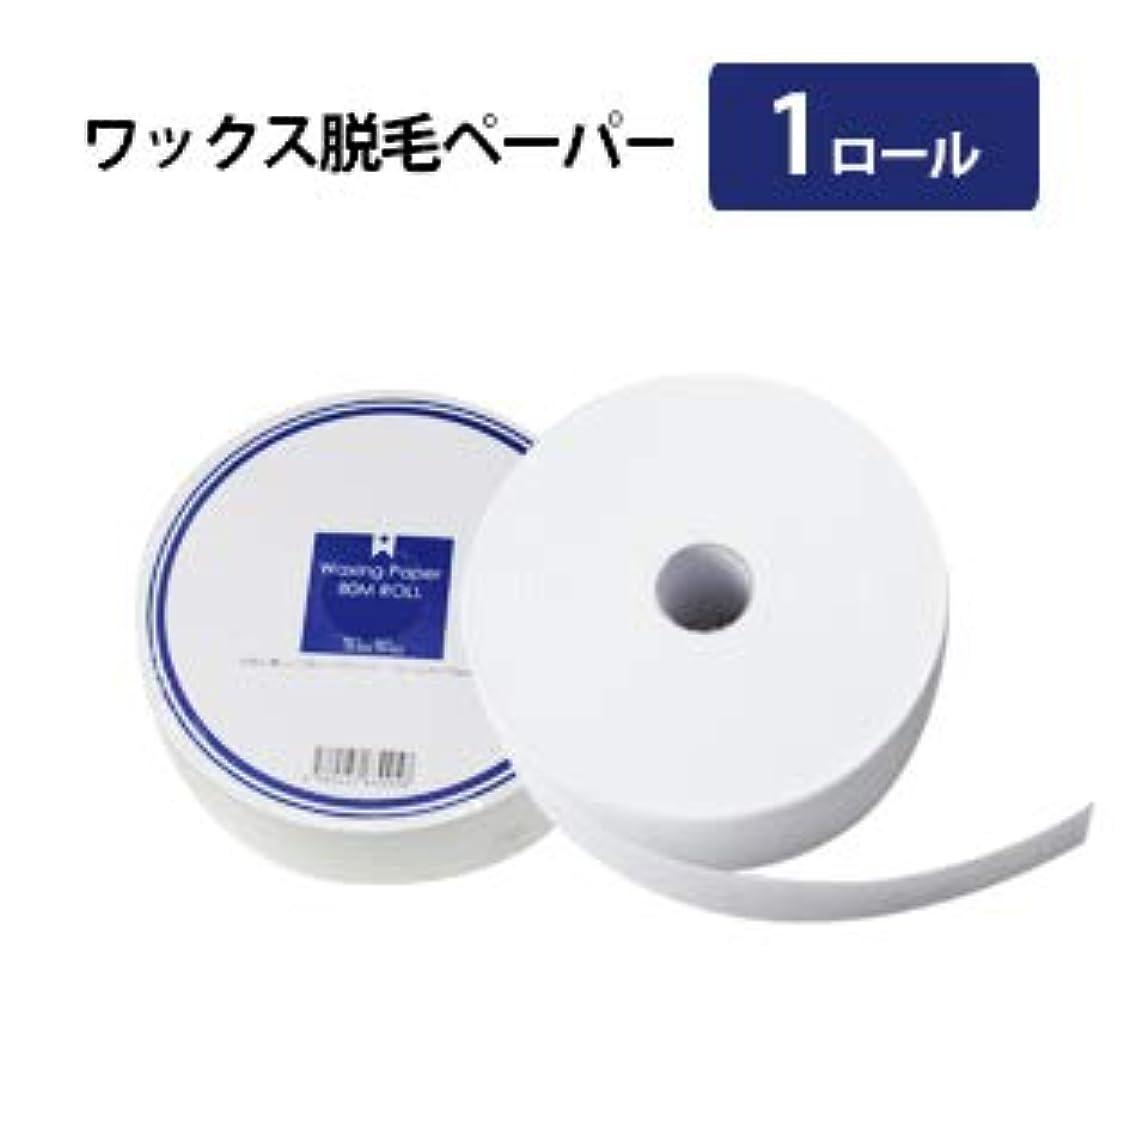 ぴかぴか不格好料理【不織布:8cm】ワックスロールペーパー 1巻